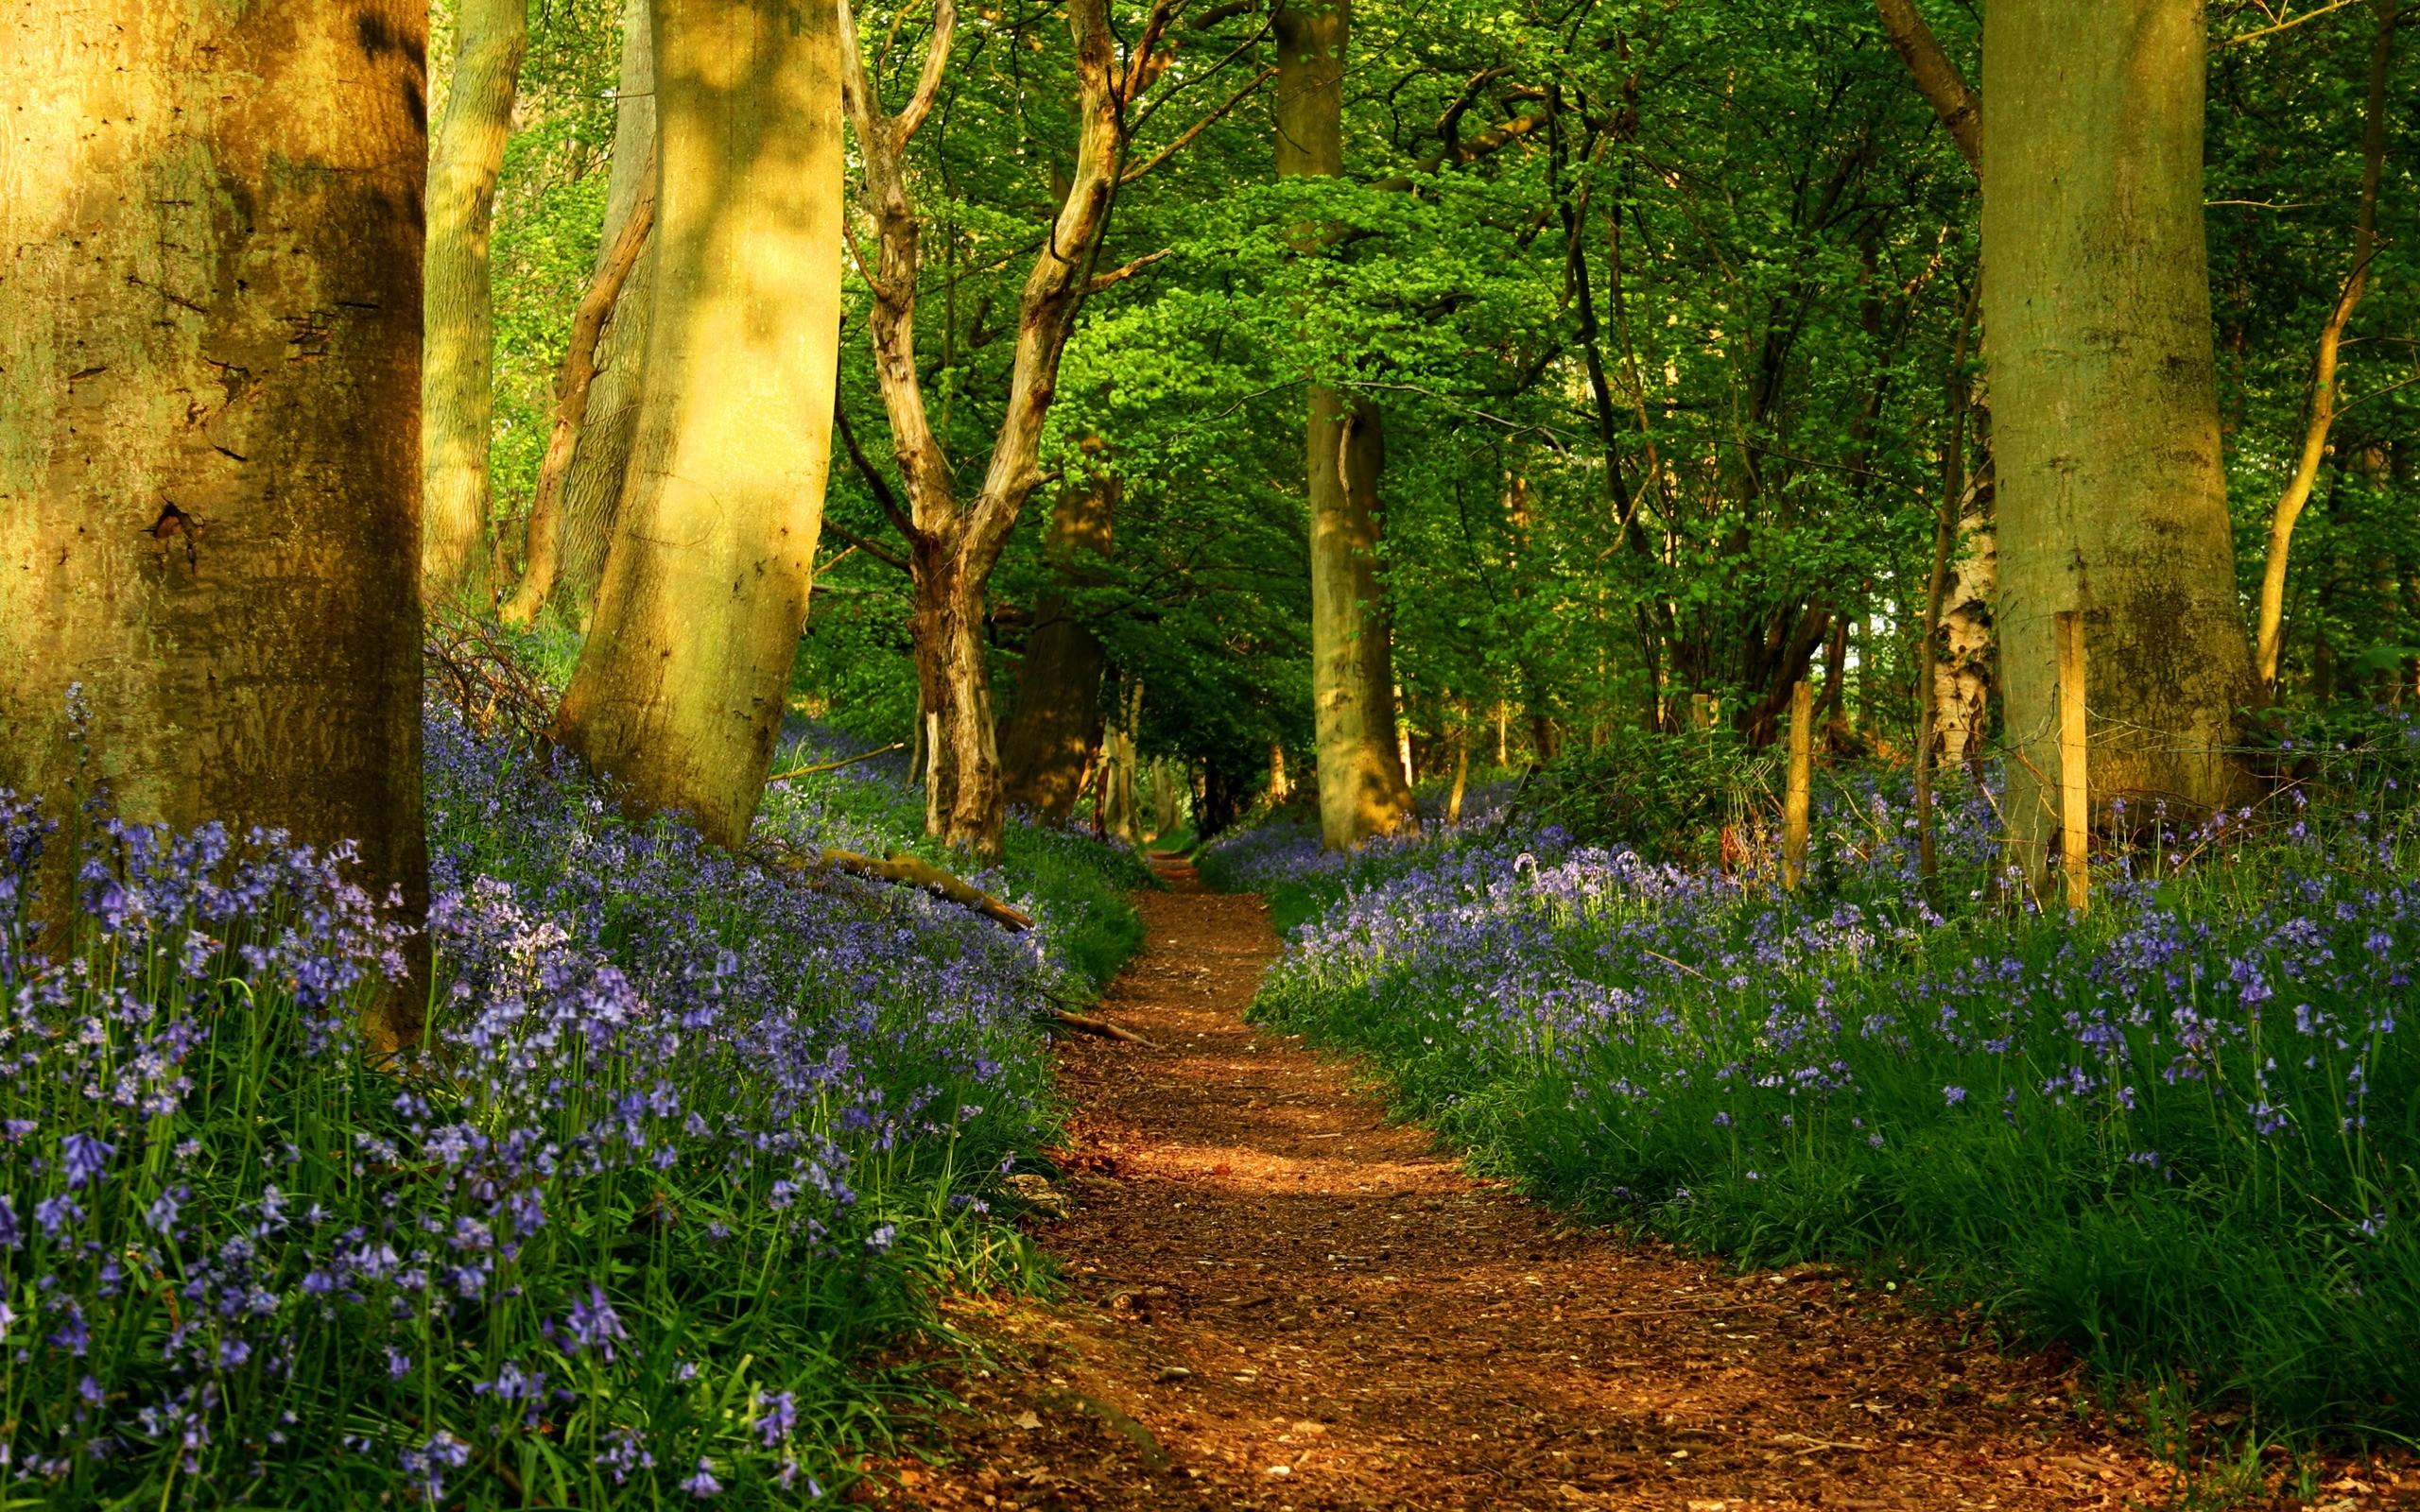 spring forest desktop wallpaper